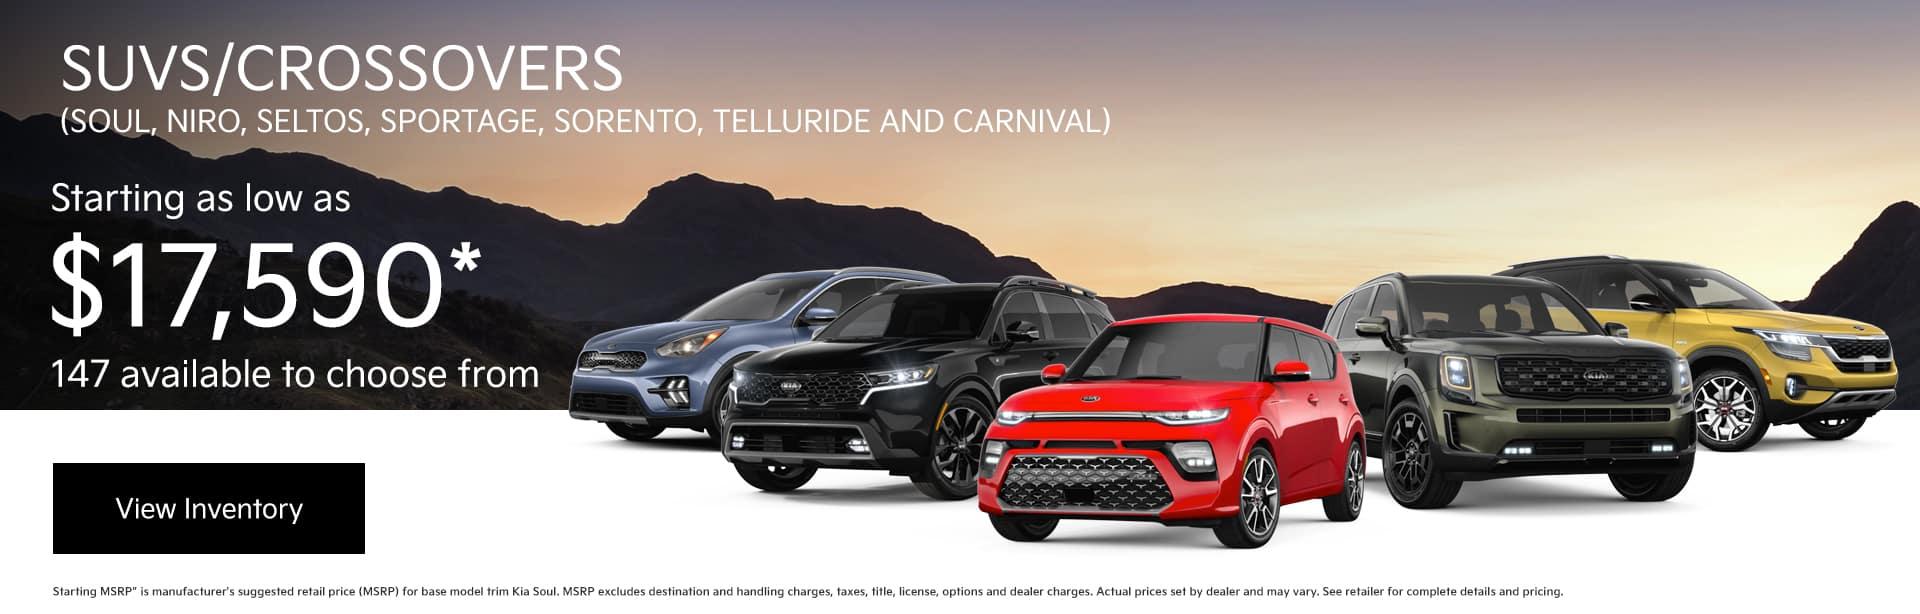 Kia SUVs and Crossovers